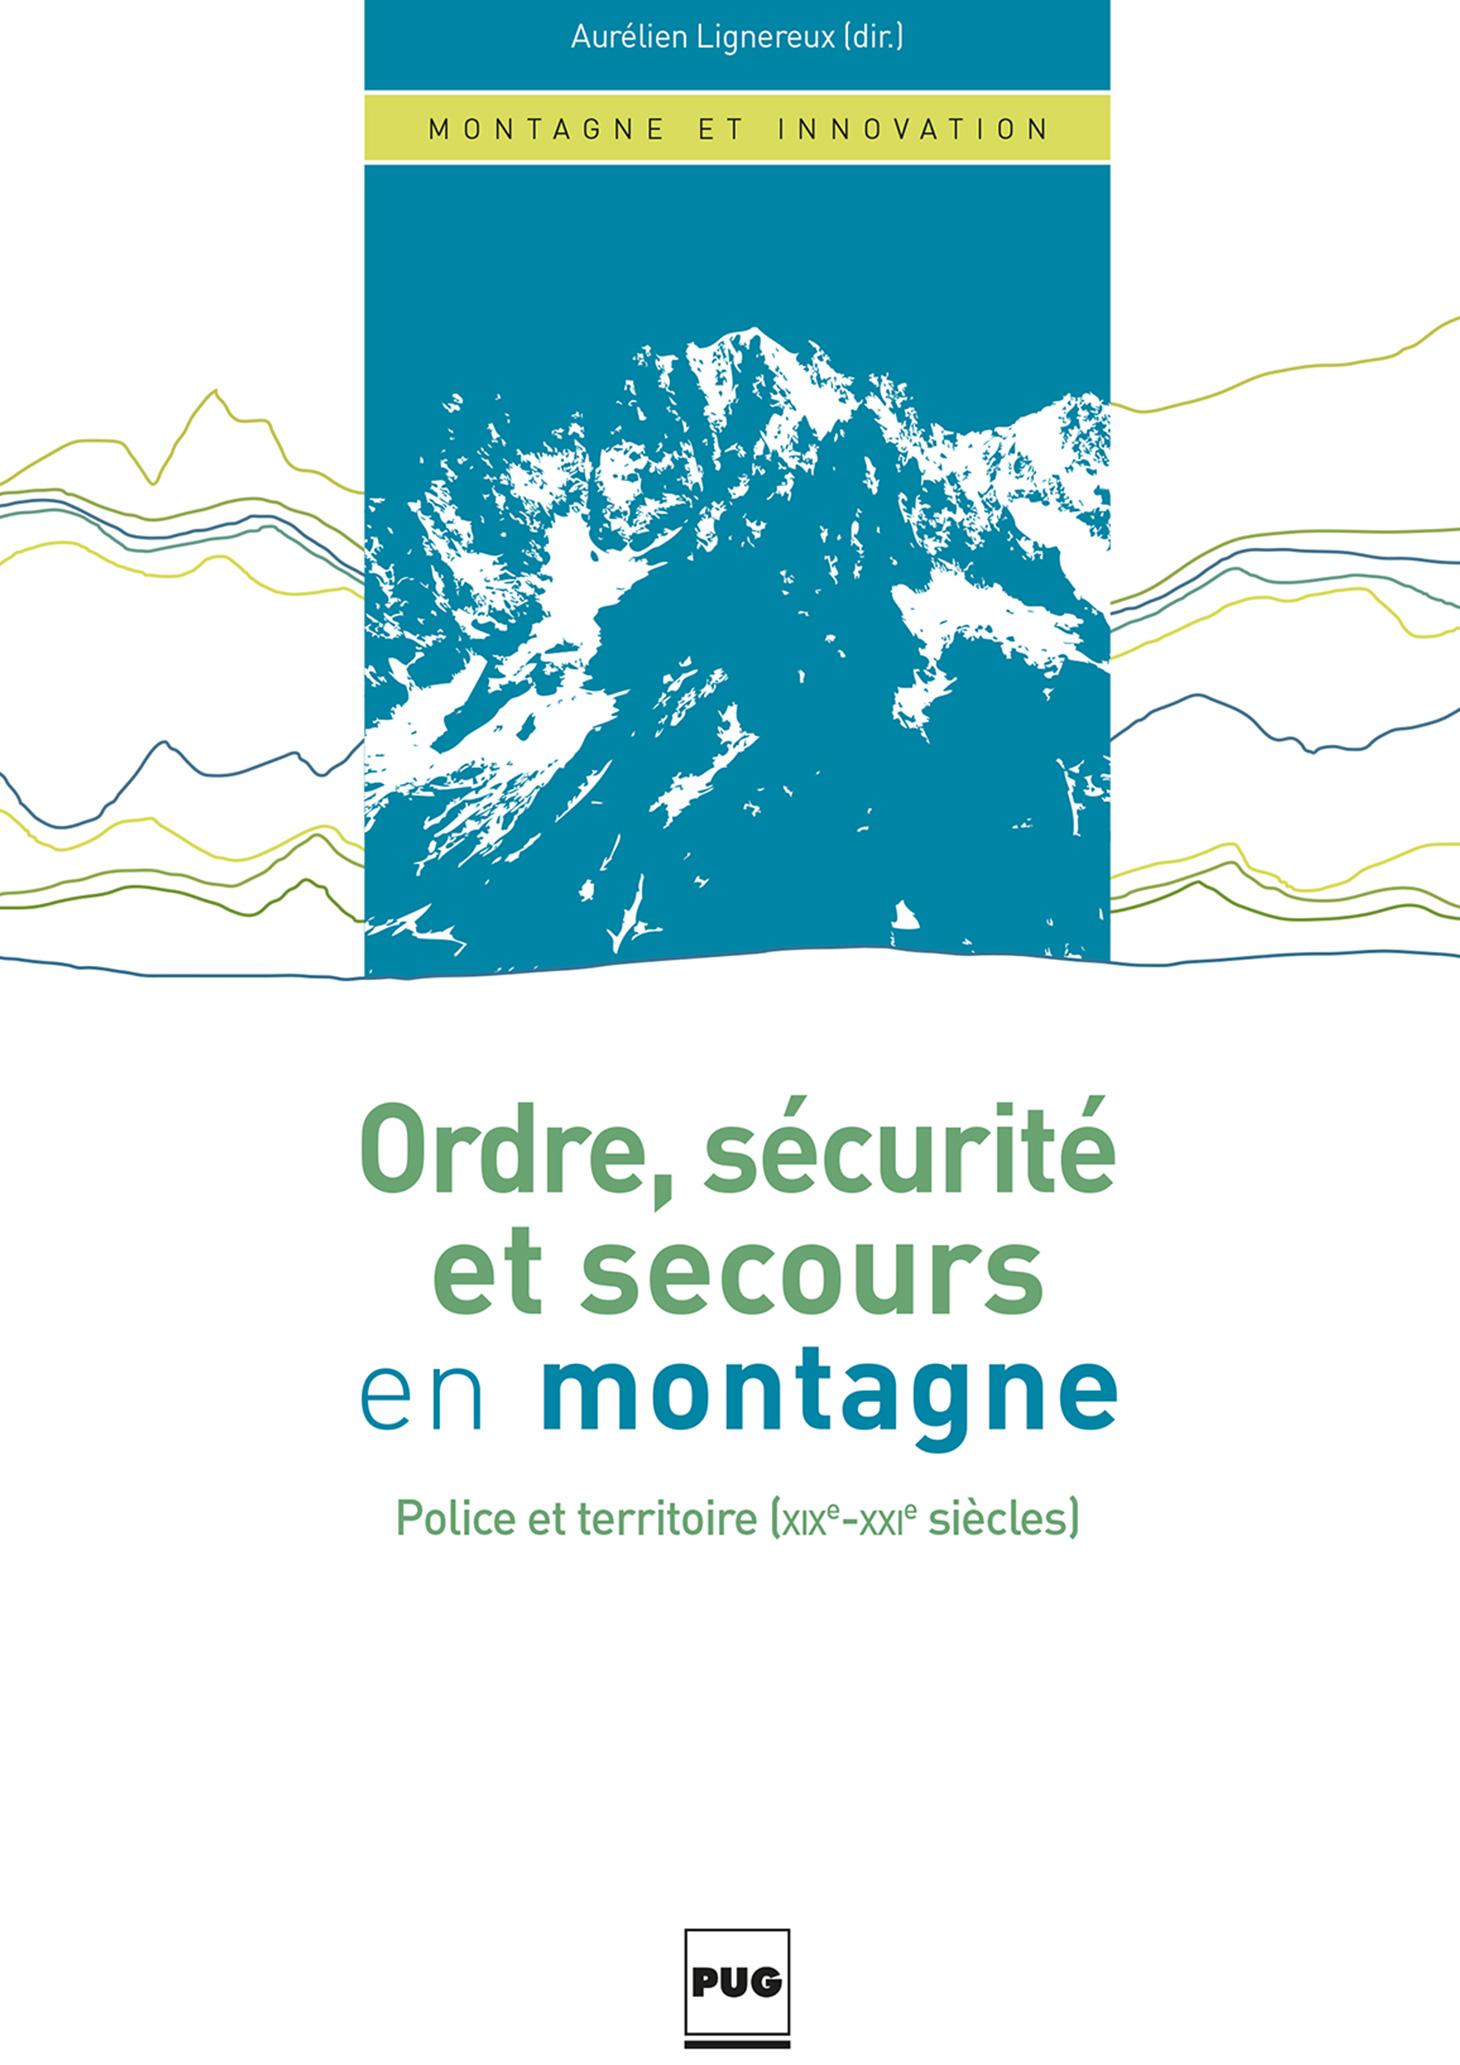 Ordre, sécurité et secours en montagne